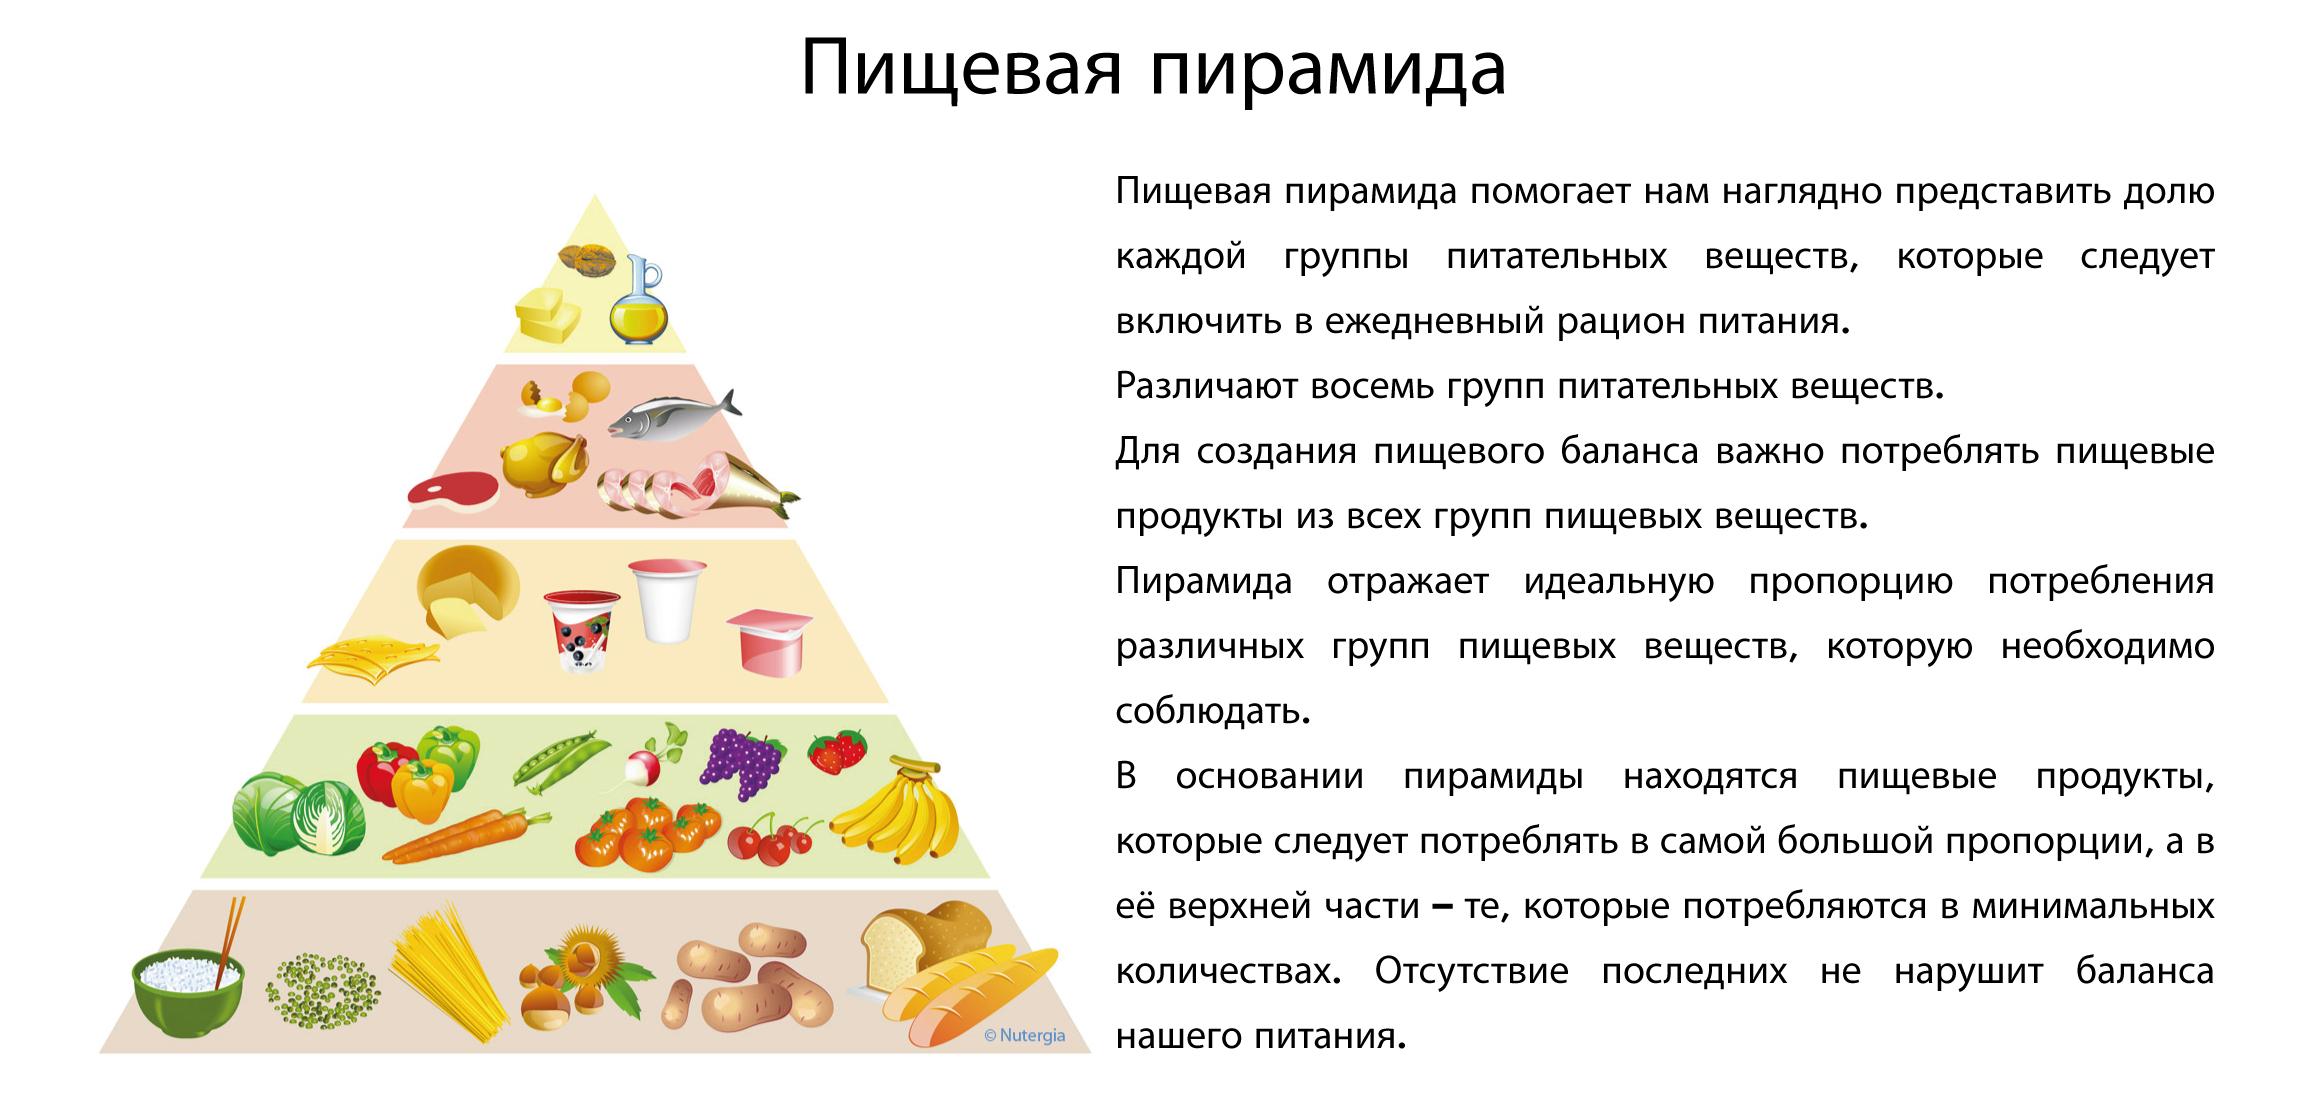 У ребенка нет аппетита: что делать?